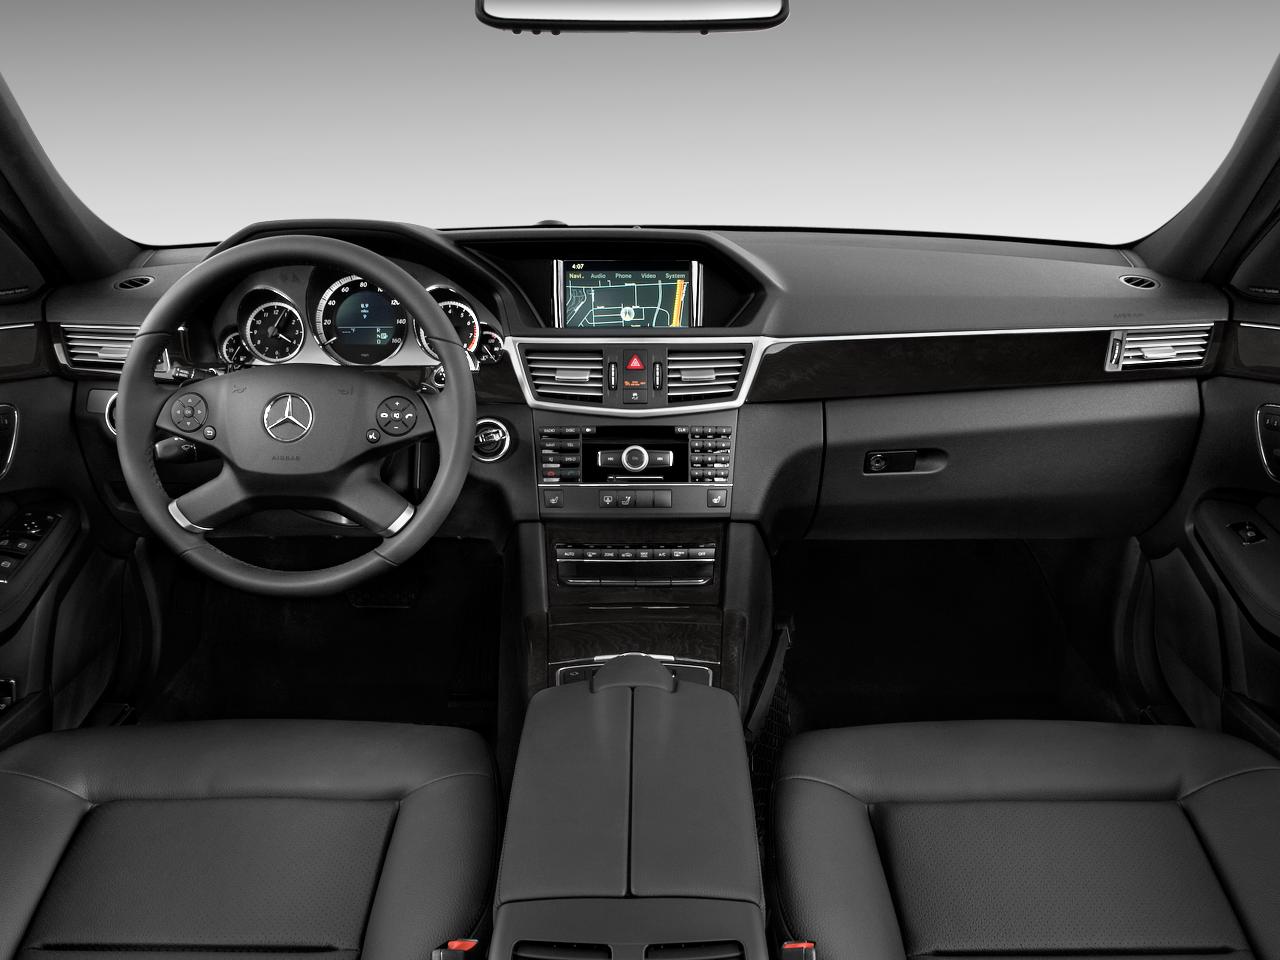 2010 mercedes benz e class 350 sedan dashboard - 2010 Mercedes Benz E550 Sedan